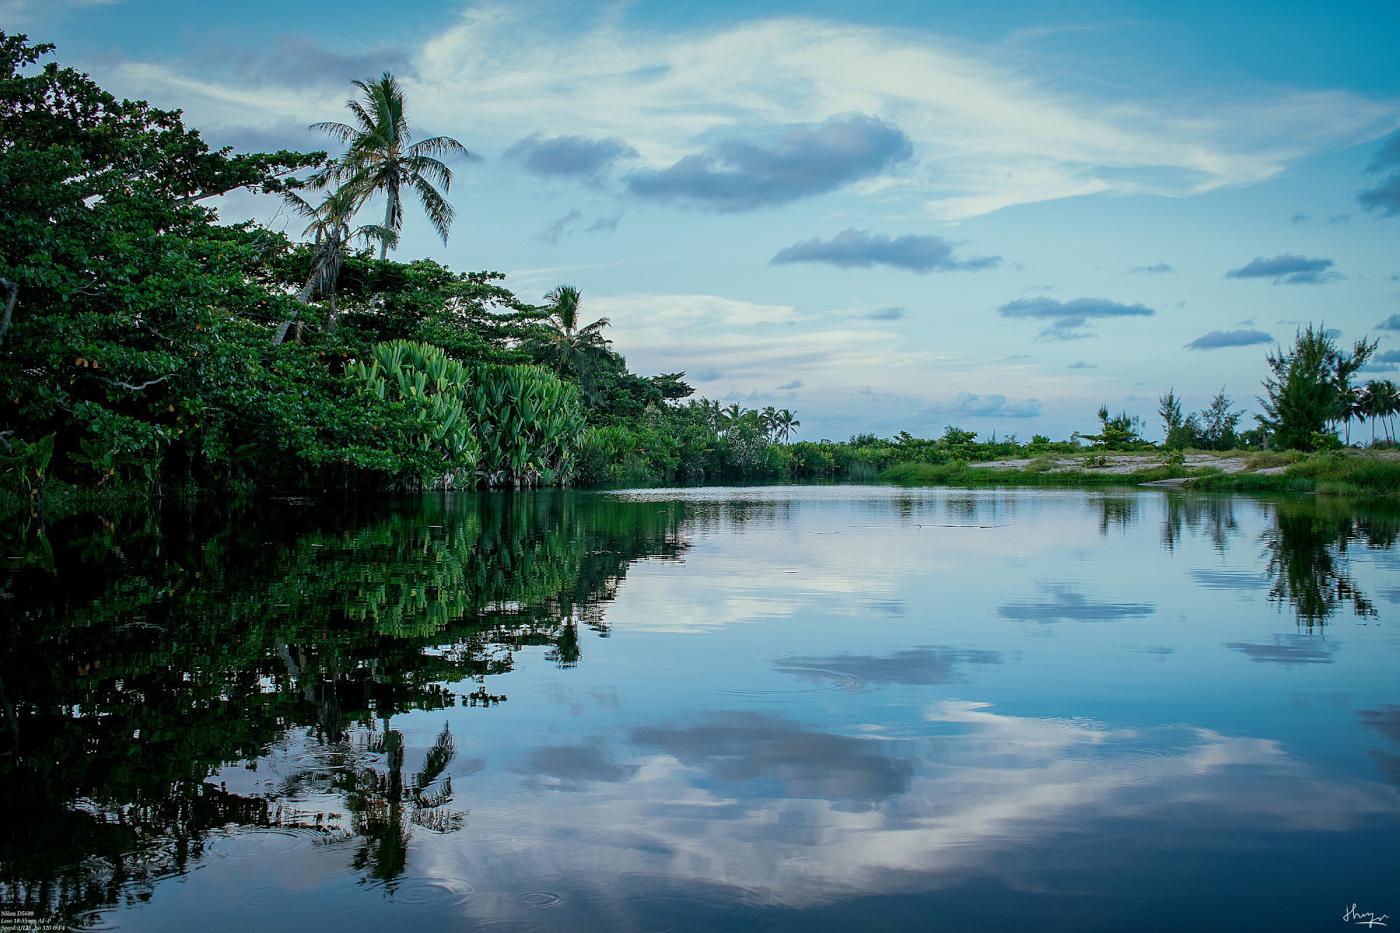 Фотография 21. Тестируем Nikon D5600 КИТ 18-55mm AF-P на съемке пейзажей.